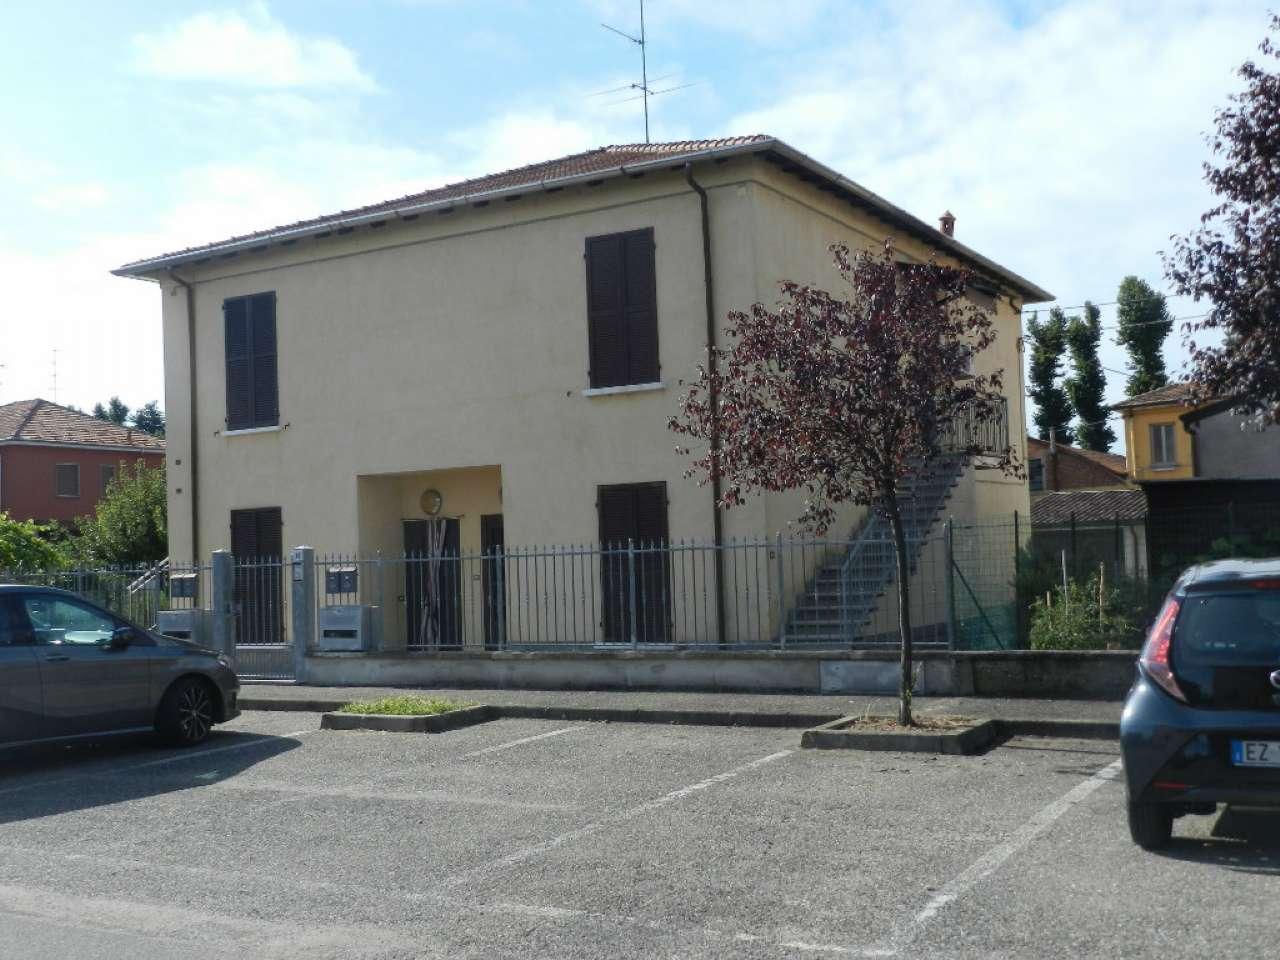 Appartamento in vendita a Certosa di Pavia, 2 locali, prezzo € 92.000 | CambioCasa.it